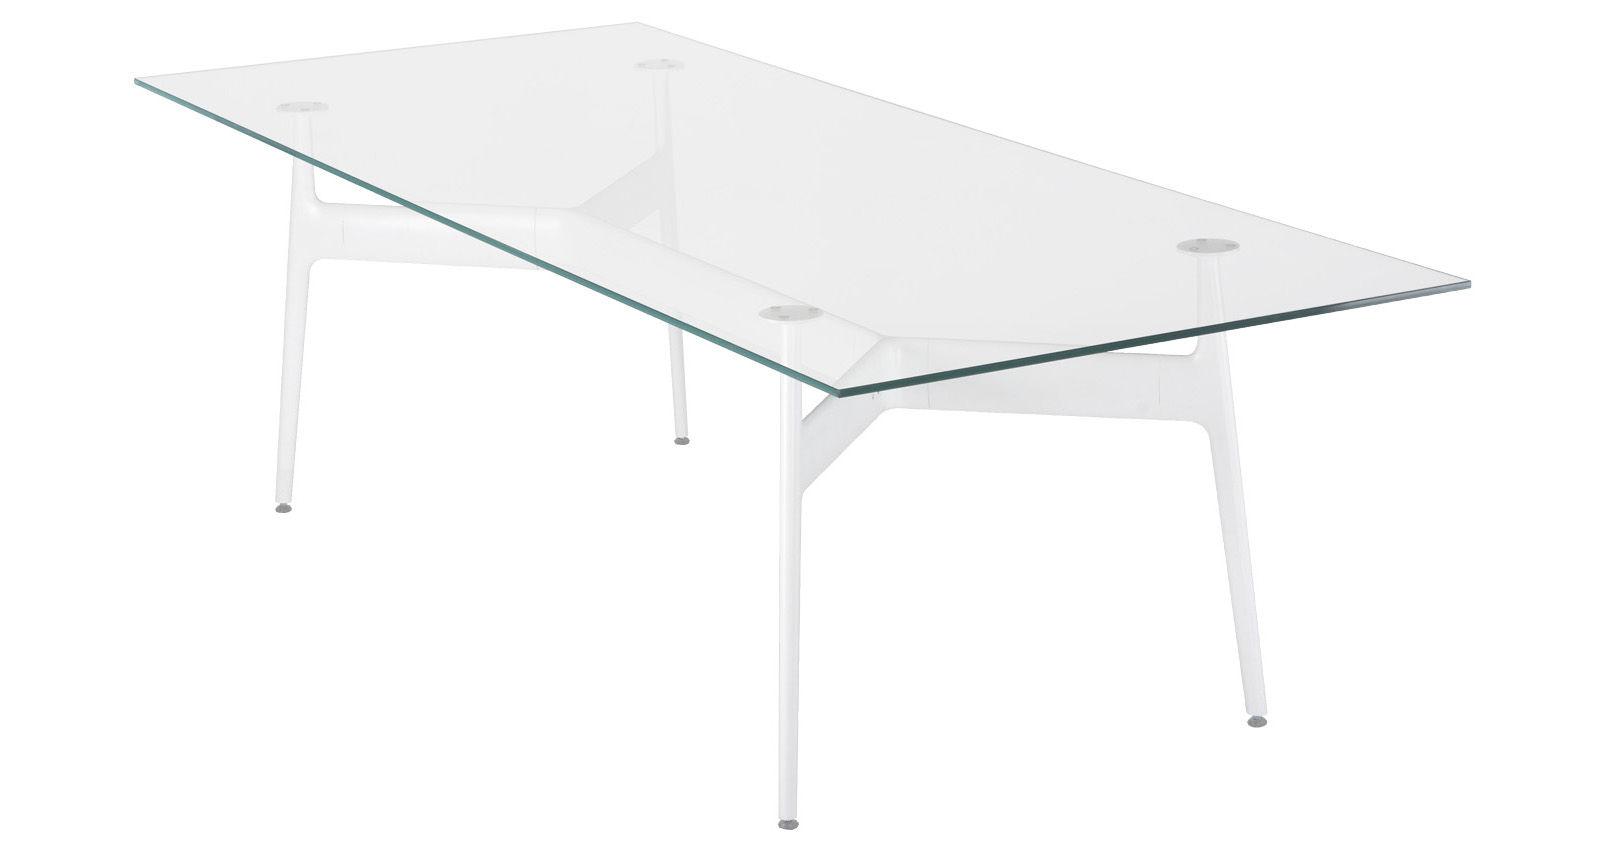 Natale - Vintage - Table rectangulaire Aracne / Verre - 190 x 100 cm - Eumenes - Structure blanche / Plateau cristal - Aluminium, Verre